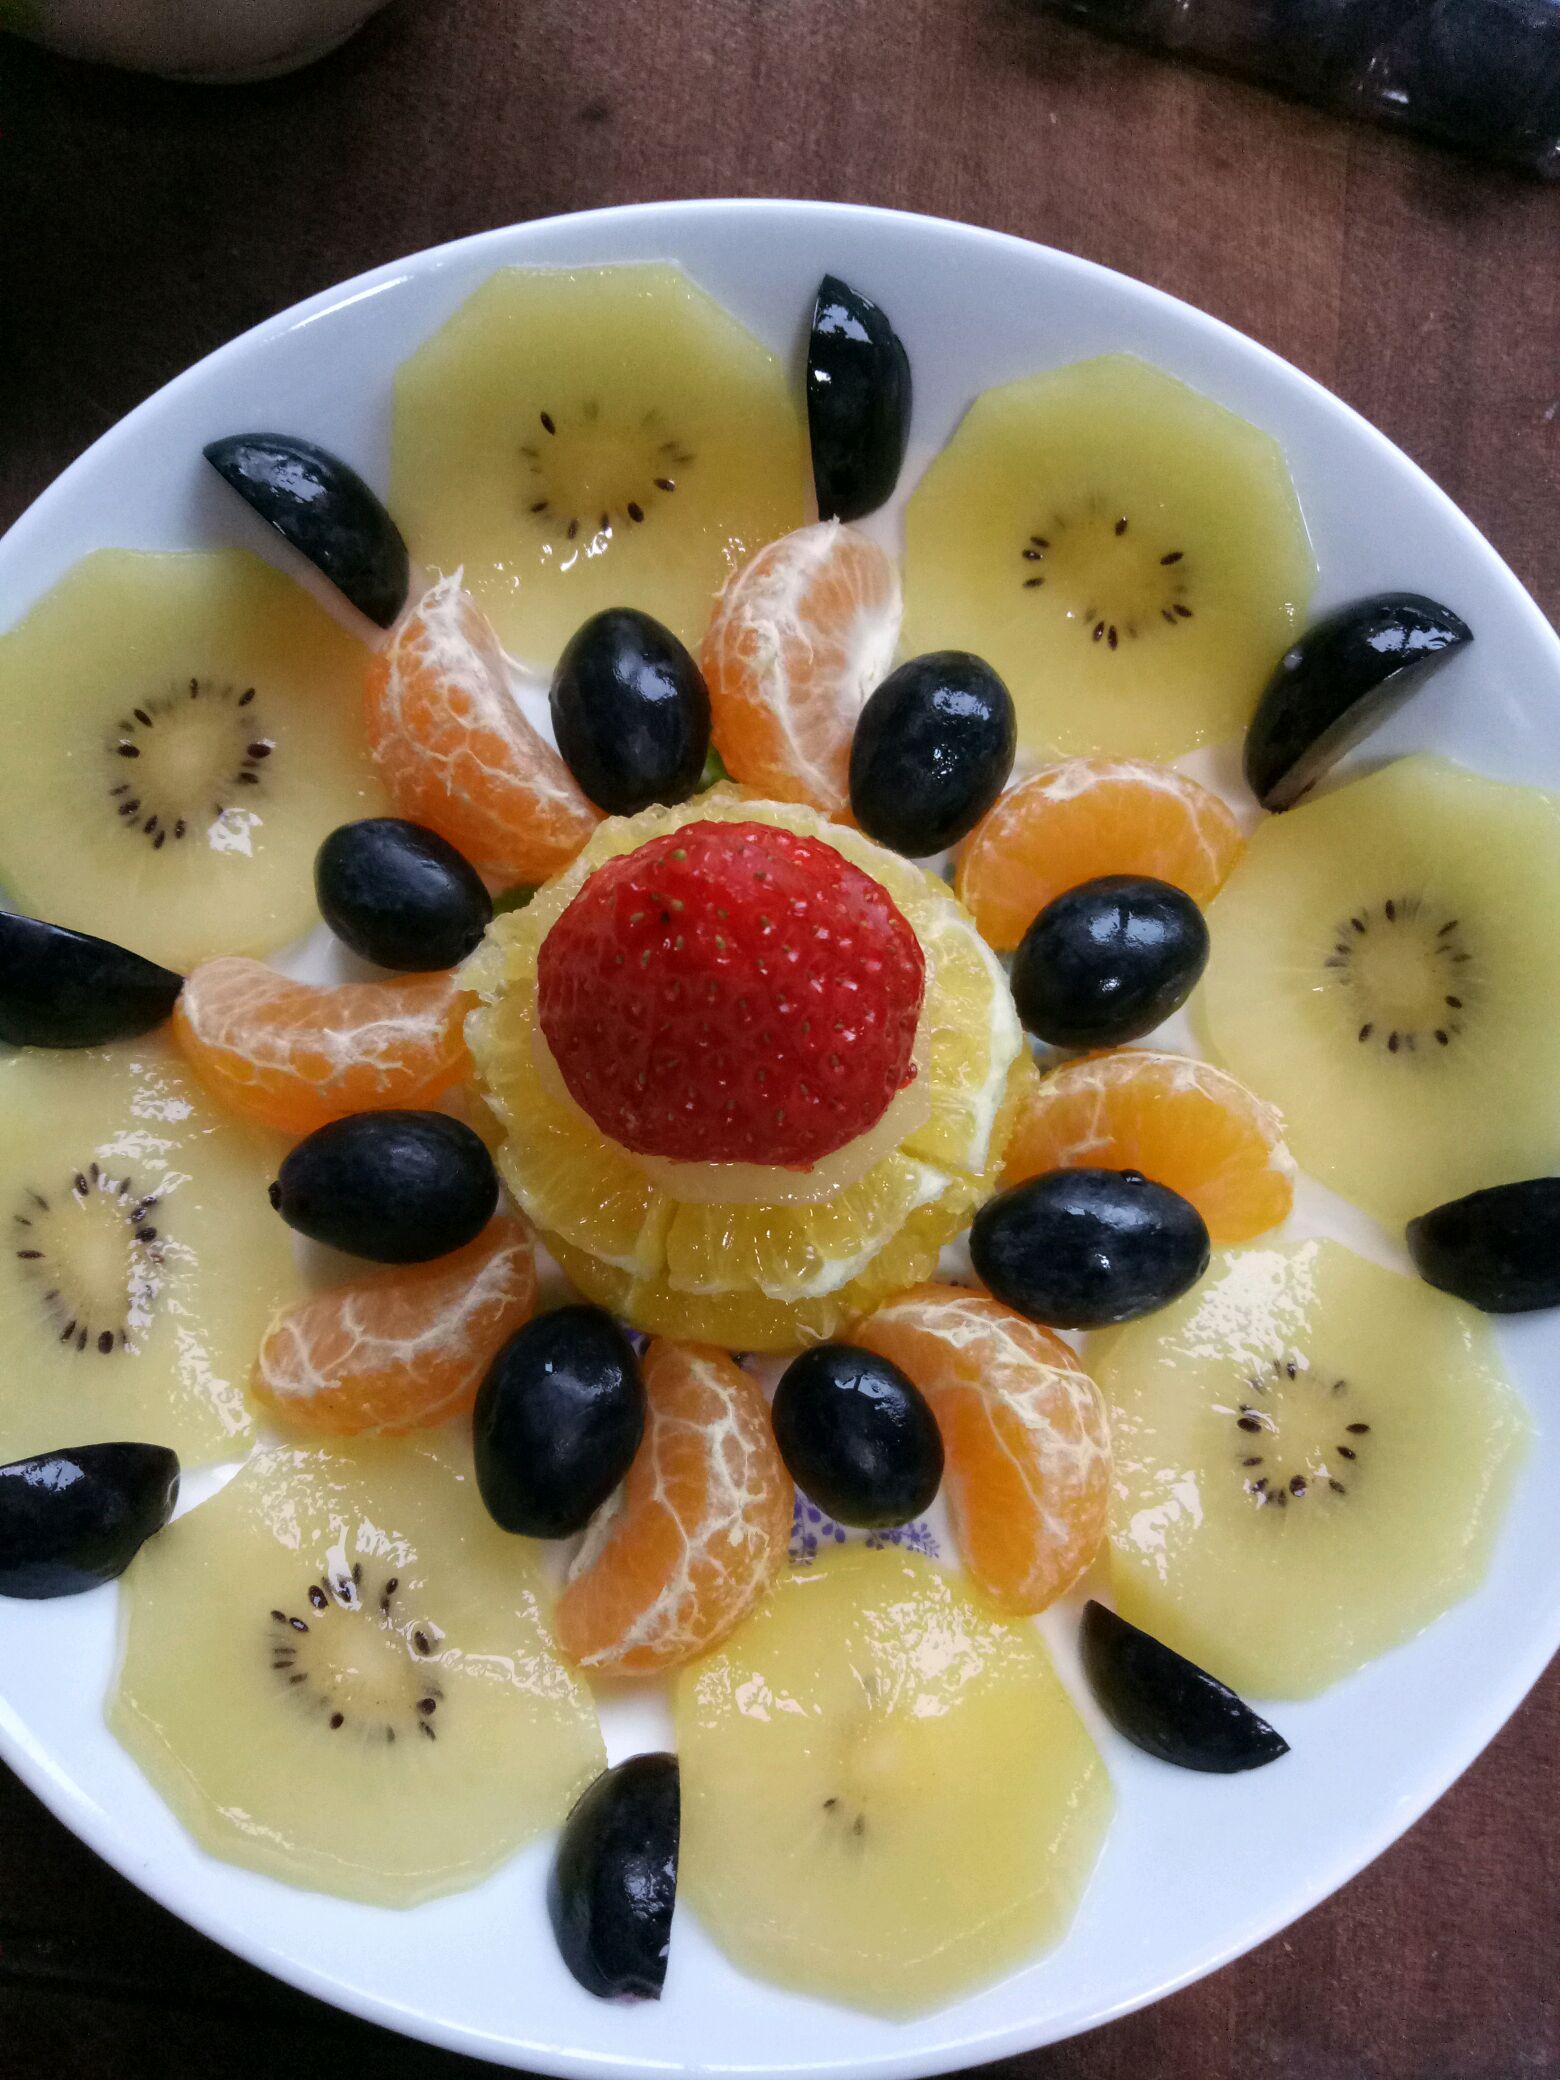 繁花……水果拼盘的做法步骤 1.